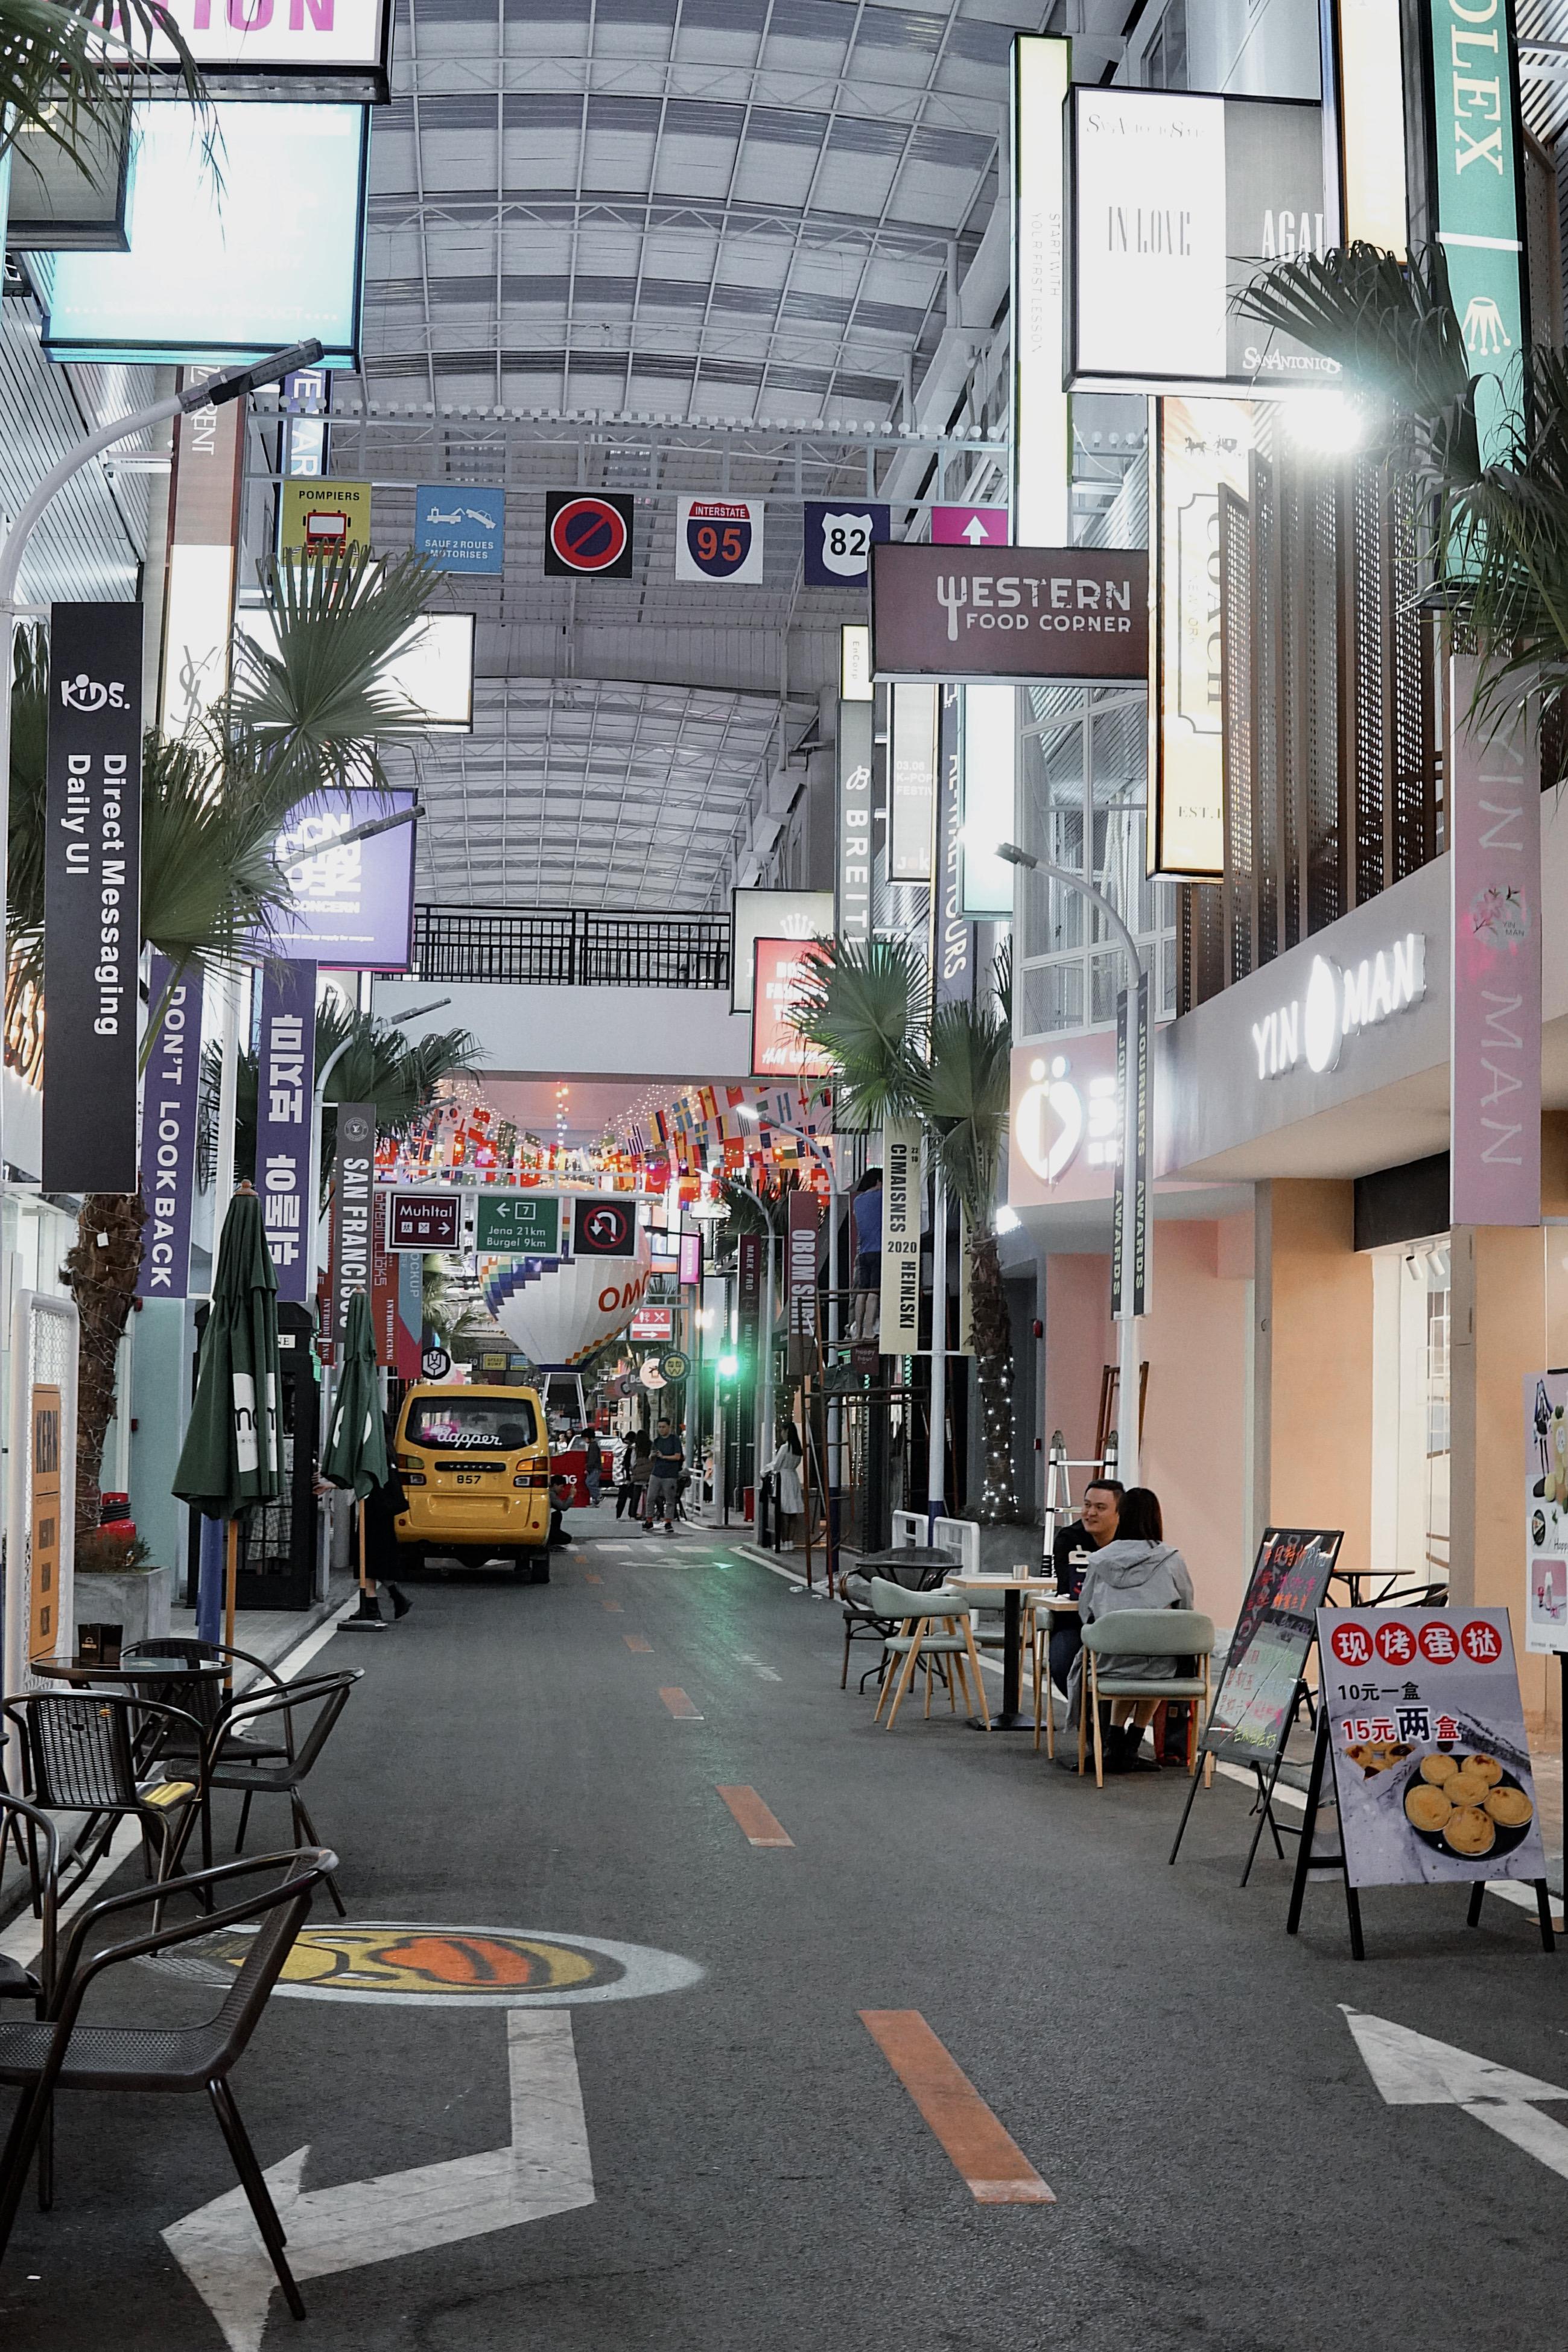 免费打卡!哩条网红街同其他好唔同,吃喝玩乐样样齐!